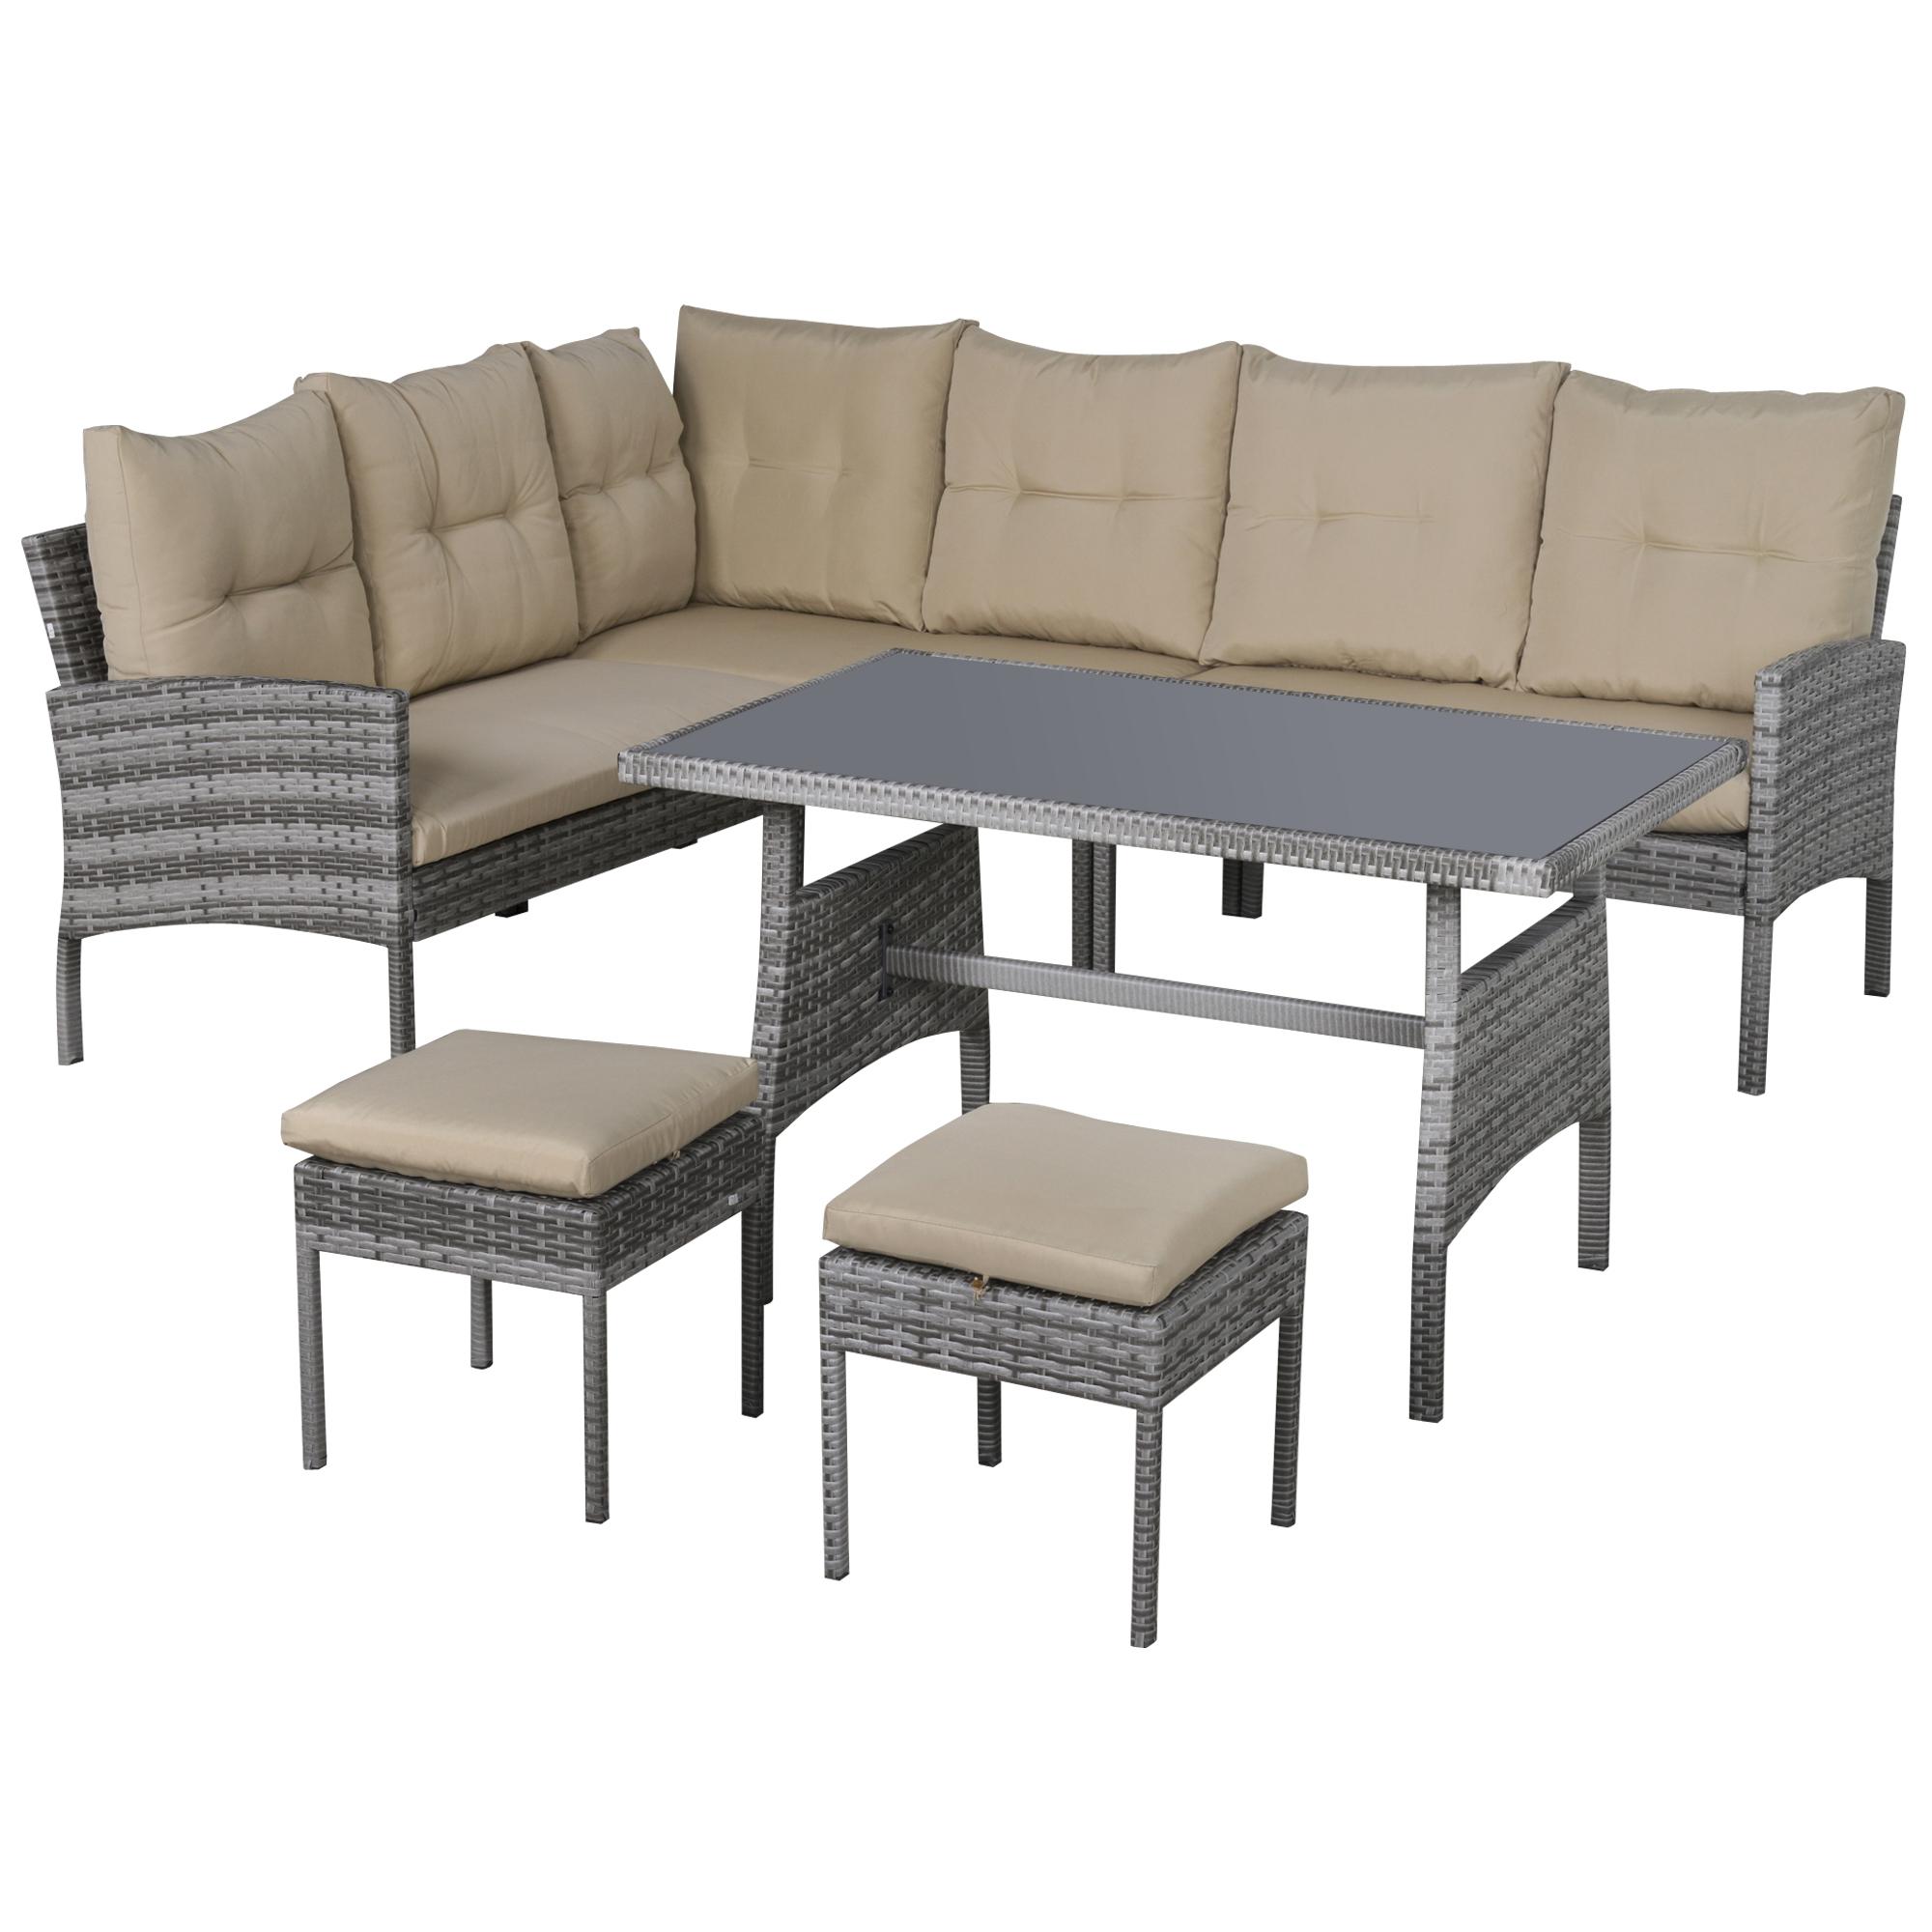 Salon de jardin 6 places table à manger coussins résine tressée grise